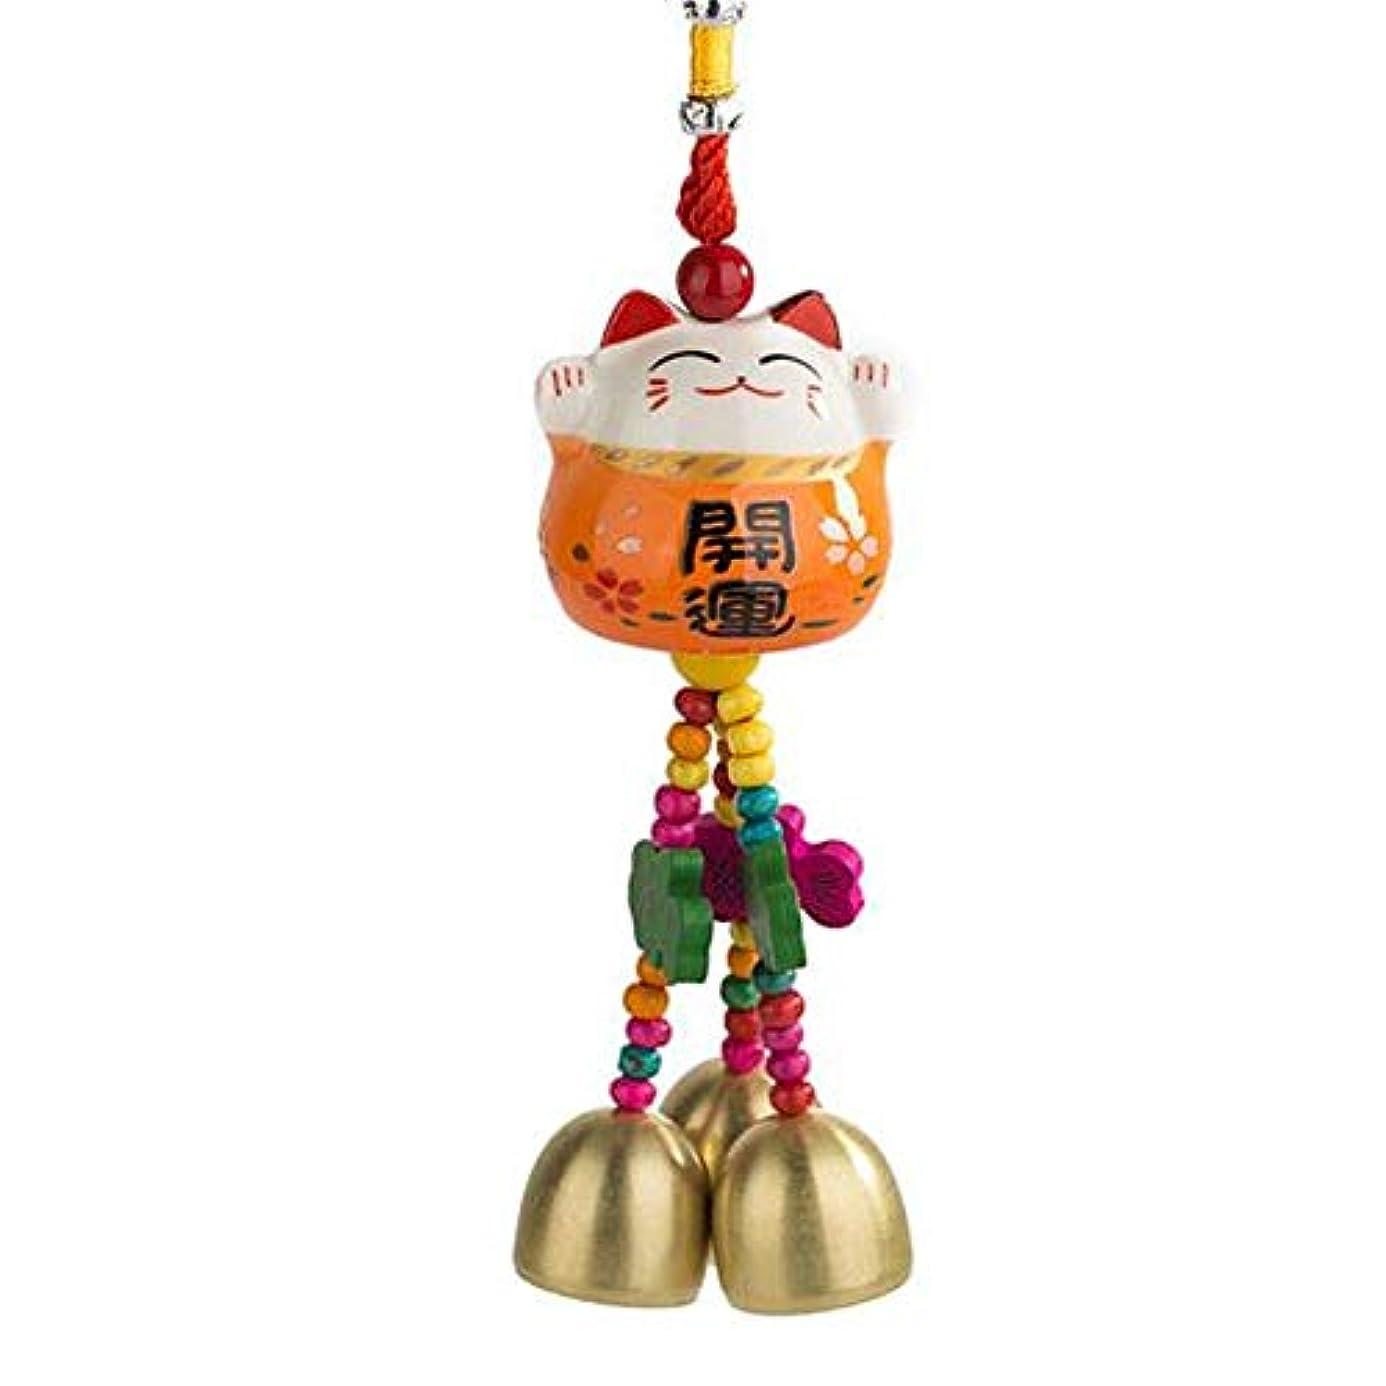 しょっぱい創傷真実にHongyuantongxun 風チャイム、かわいいクリエイティブセラミック猫風の鐘、グリーン、長い28センチメートル,、装飾品ペンダント (Color : Orange)